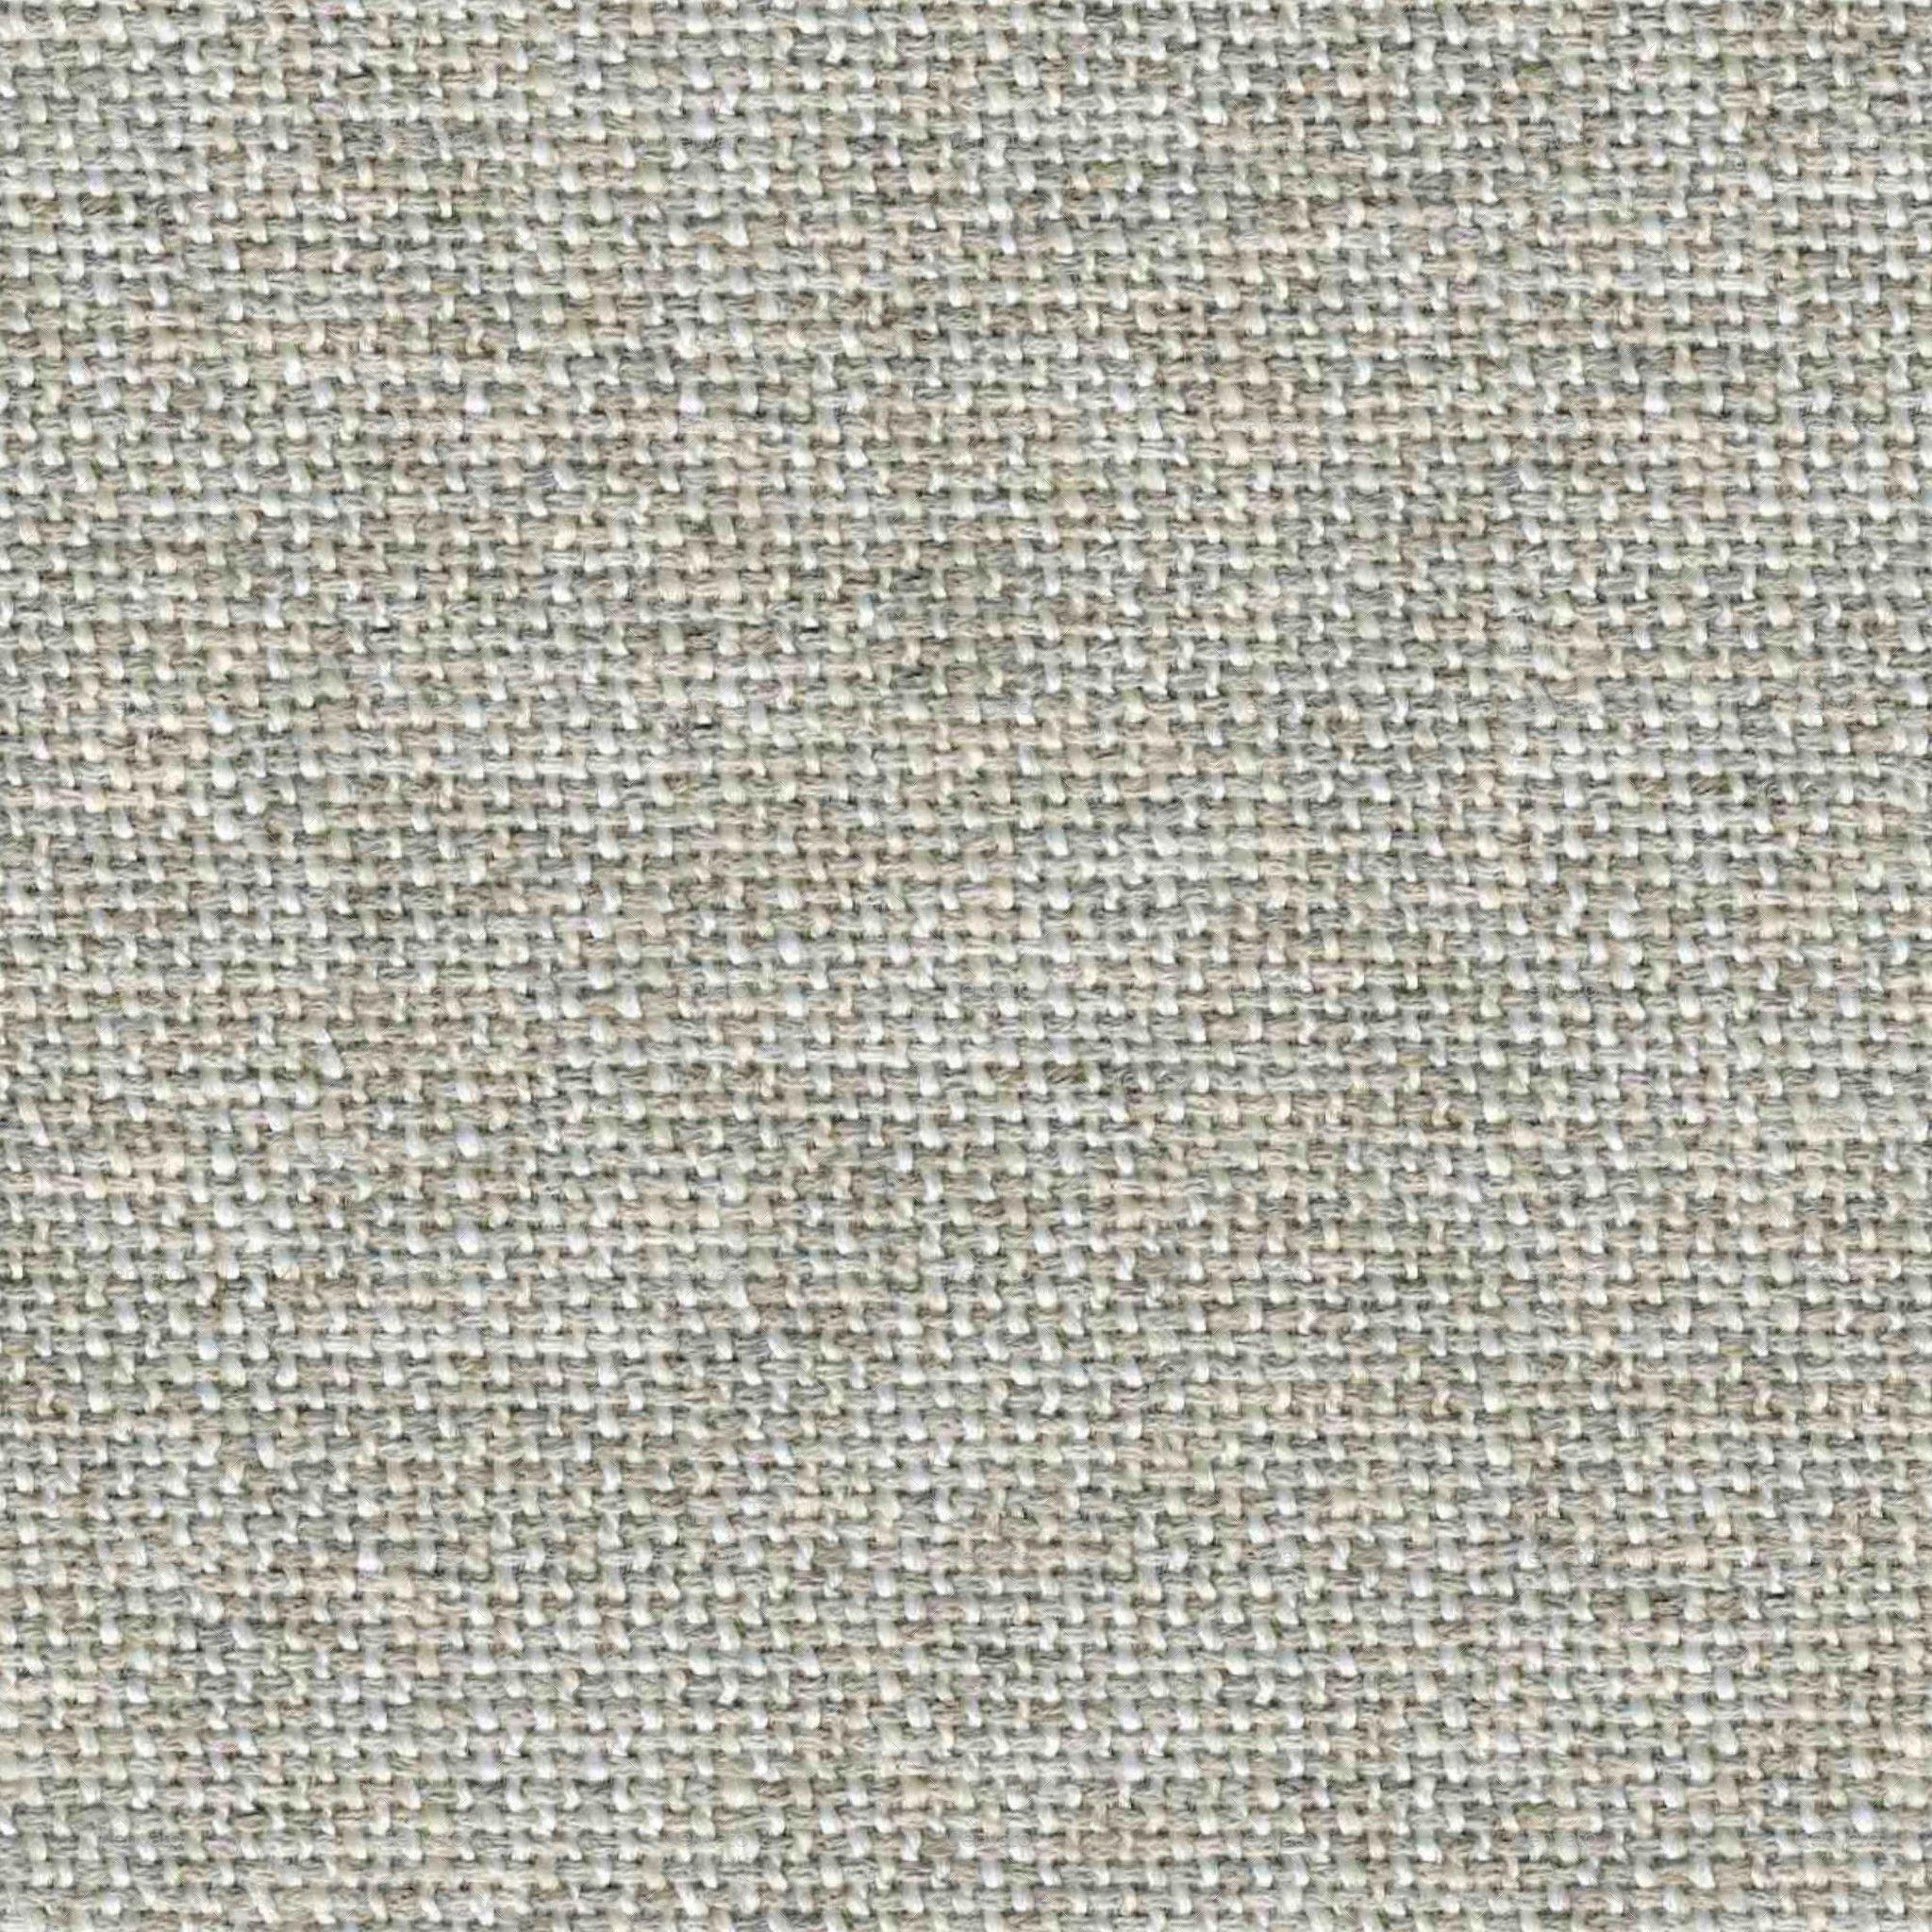 Fabric Seamless Texture Set Volume 2 Seamless Textures Dobby